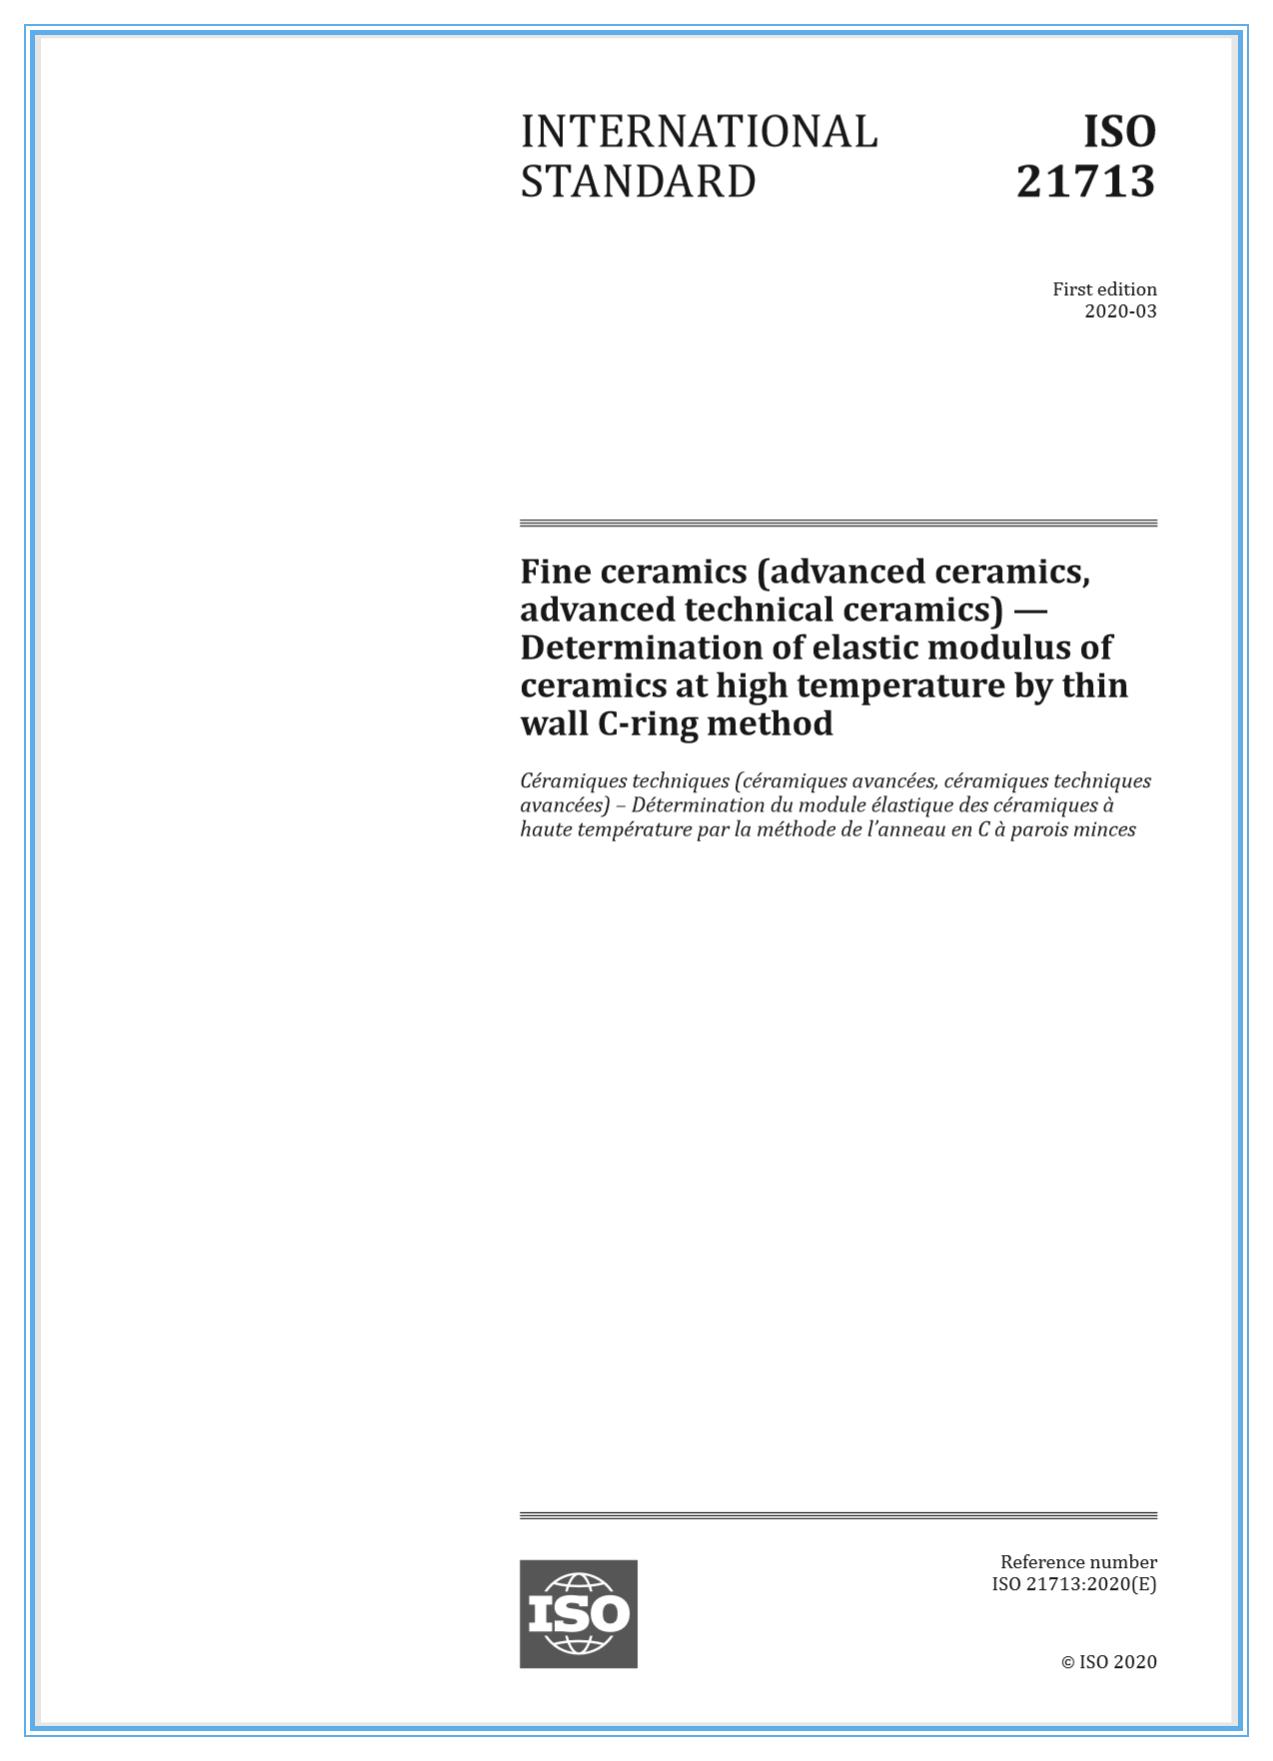 國檢集團主導制定的國際標準ISO 21713正式發布